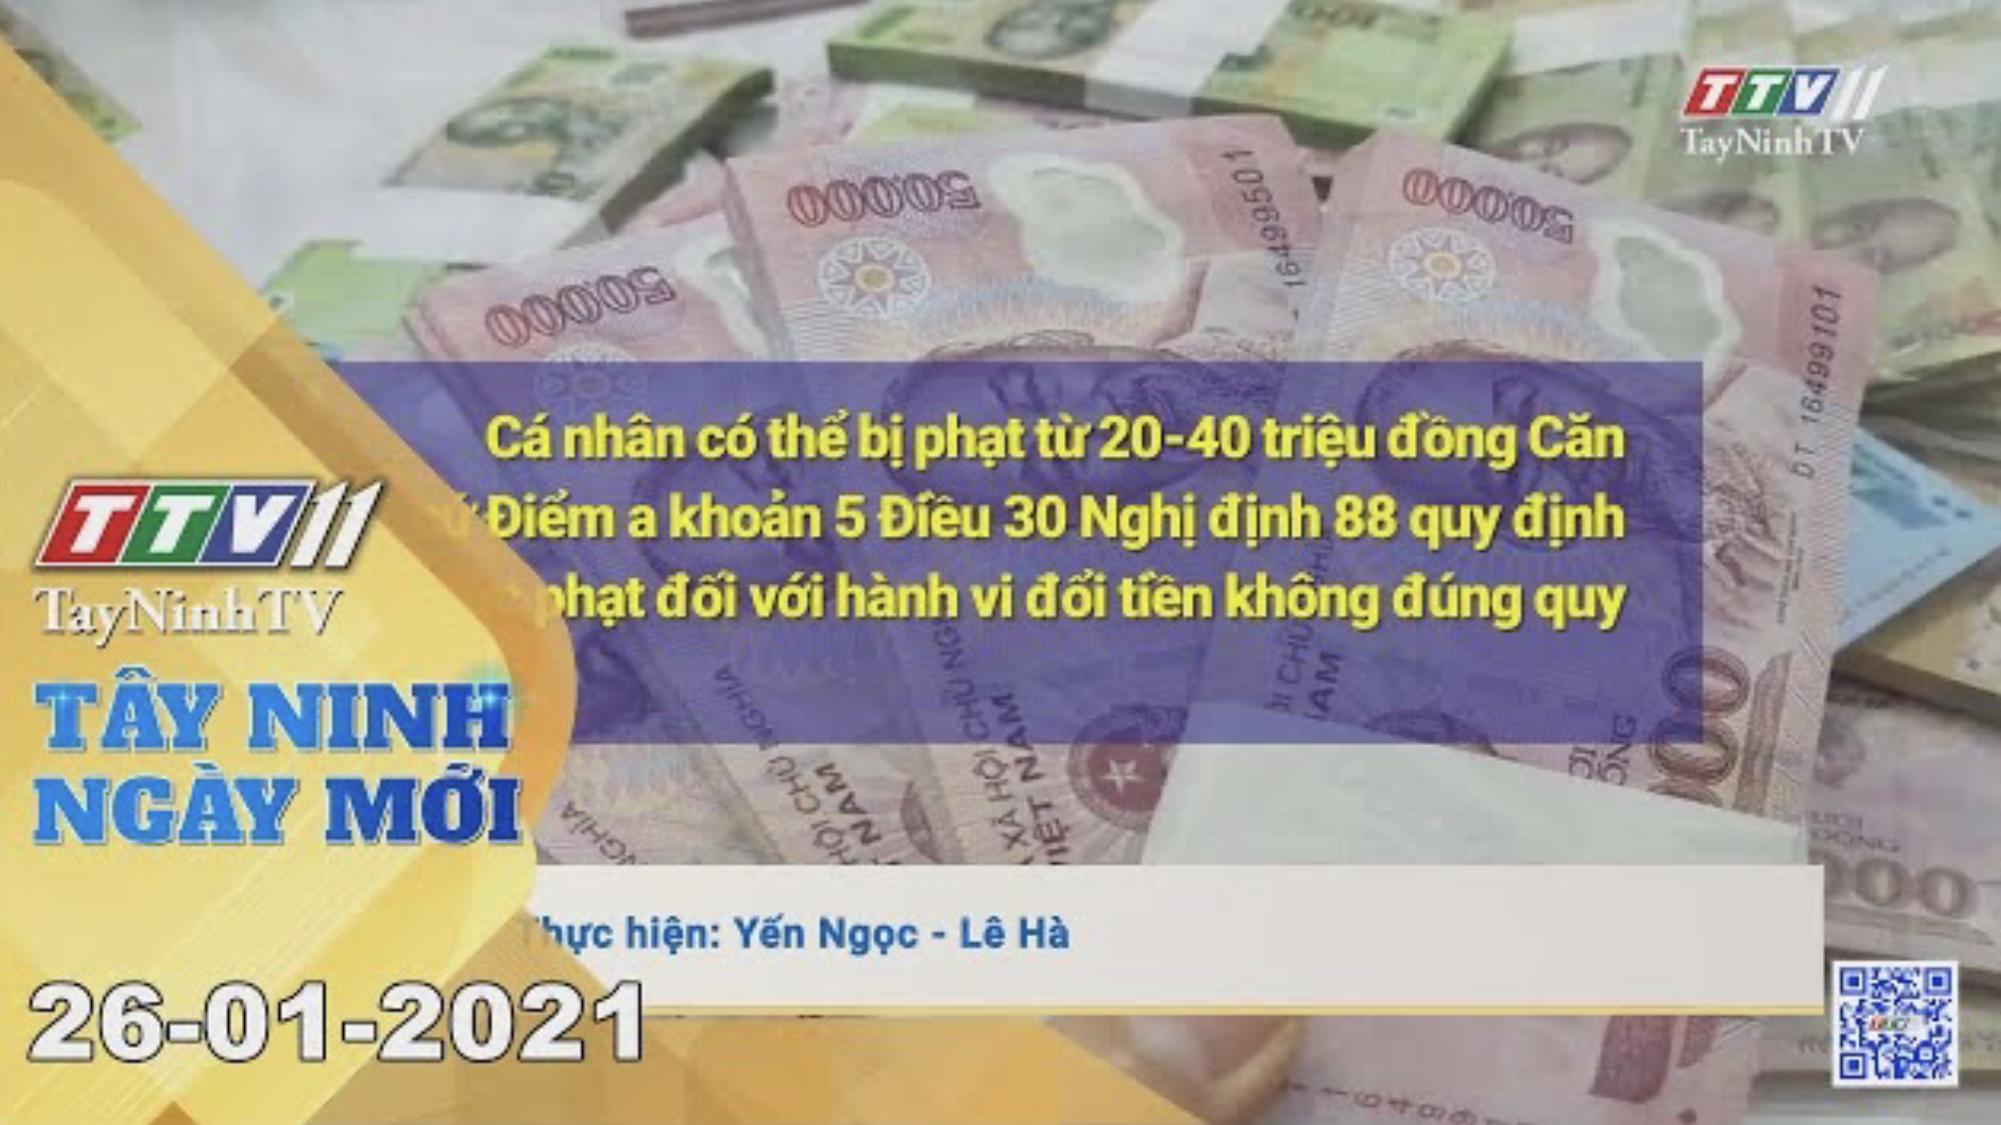 Tây Ninh Ngày Mới 26-01-2021 | Tin tức hôm nay | TayNinhTV